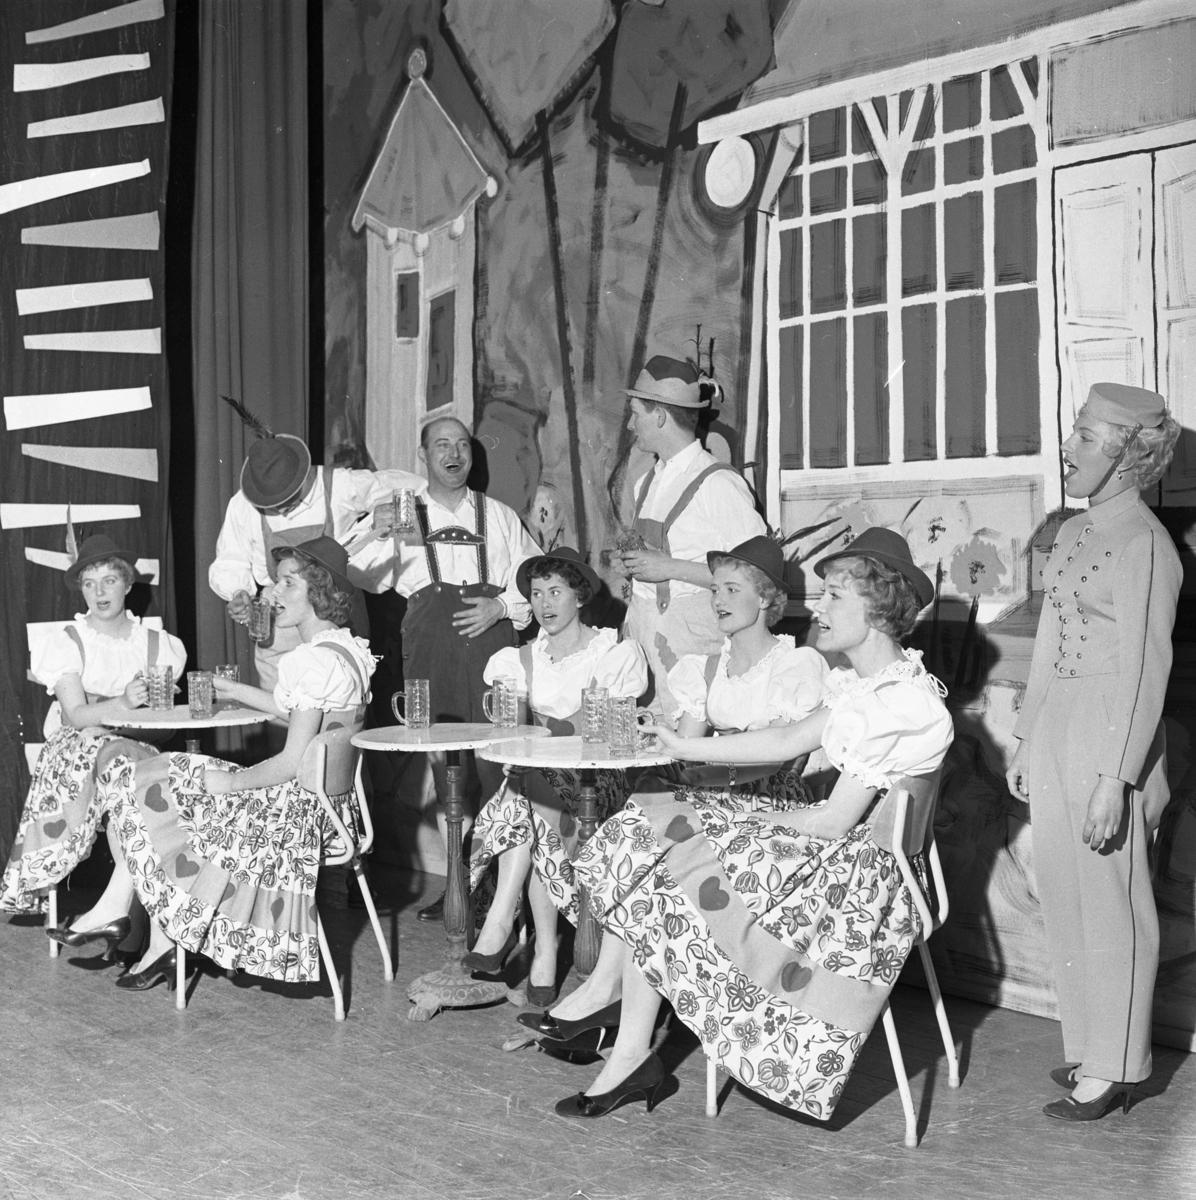 Årets lokalrevy. Här är skådespelarna klädda i tyrolerkläder. Mannen till höger är Larz-Thure Ljungdahl. Kvinnan i mitten är Berit Österberg.